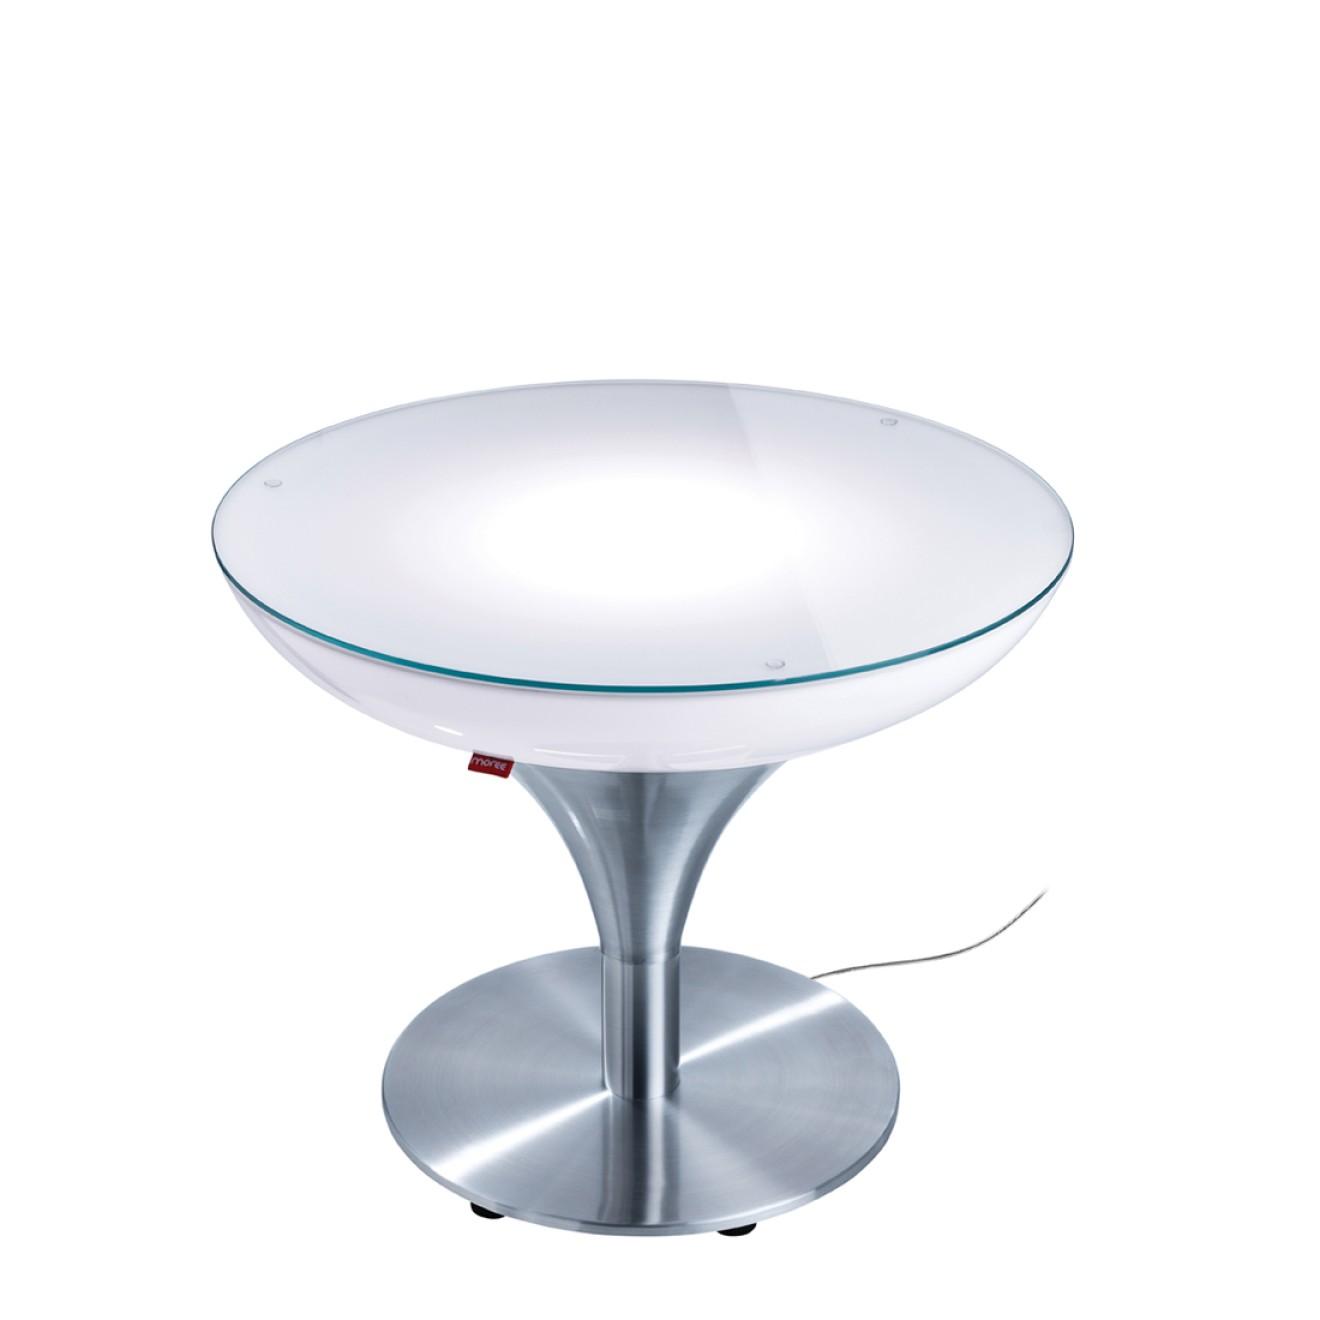 loungetisch lounge m 45 home light exklusives wohndesign f r heim garten. Black Bedroom Furniture Sets. Home Design Ideas